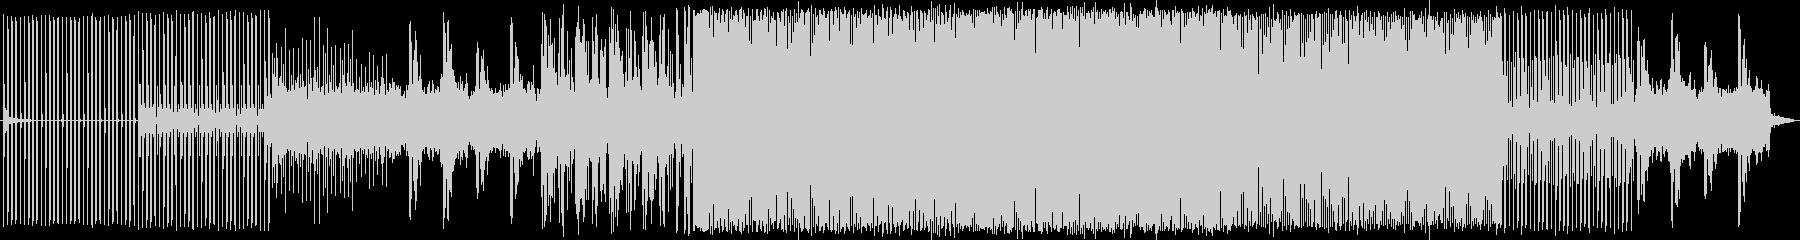 プログレッシブ、フィルタリングシン...の未再生の波形